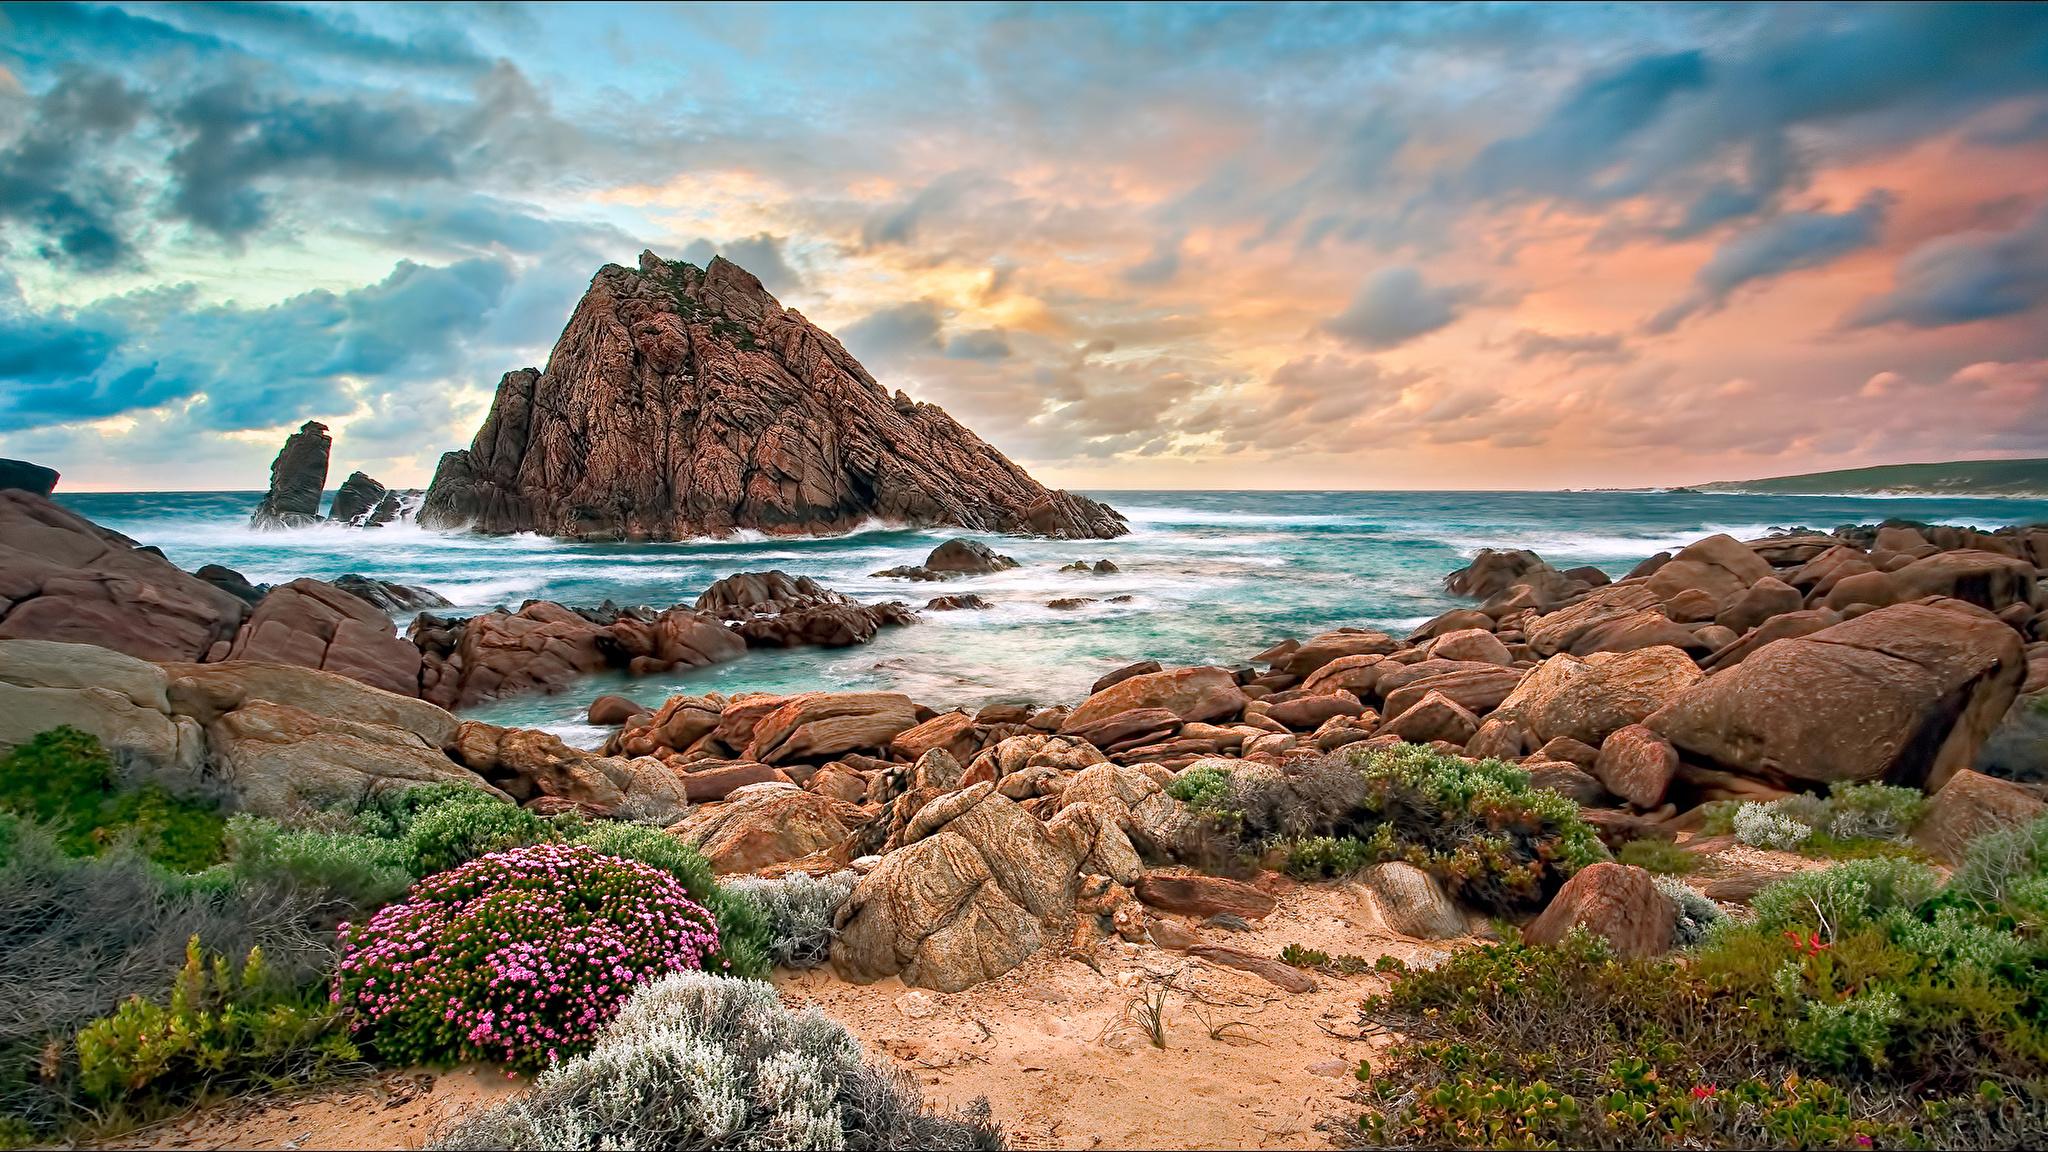 море океан камни скалы закат sea the ocean stones rock sunset  № 2530538  скачать